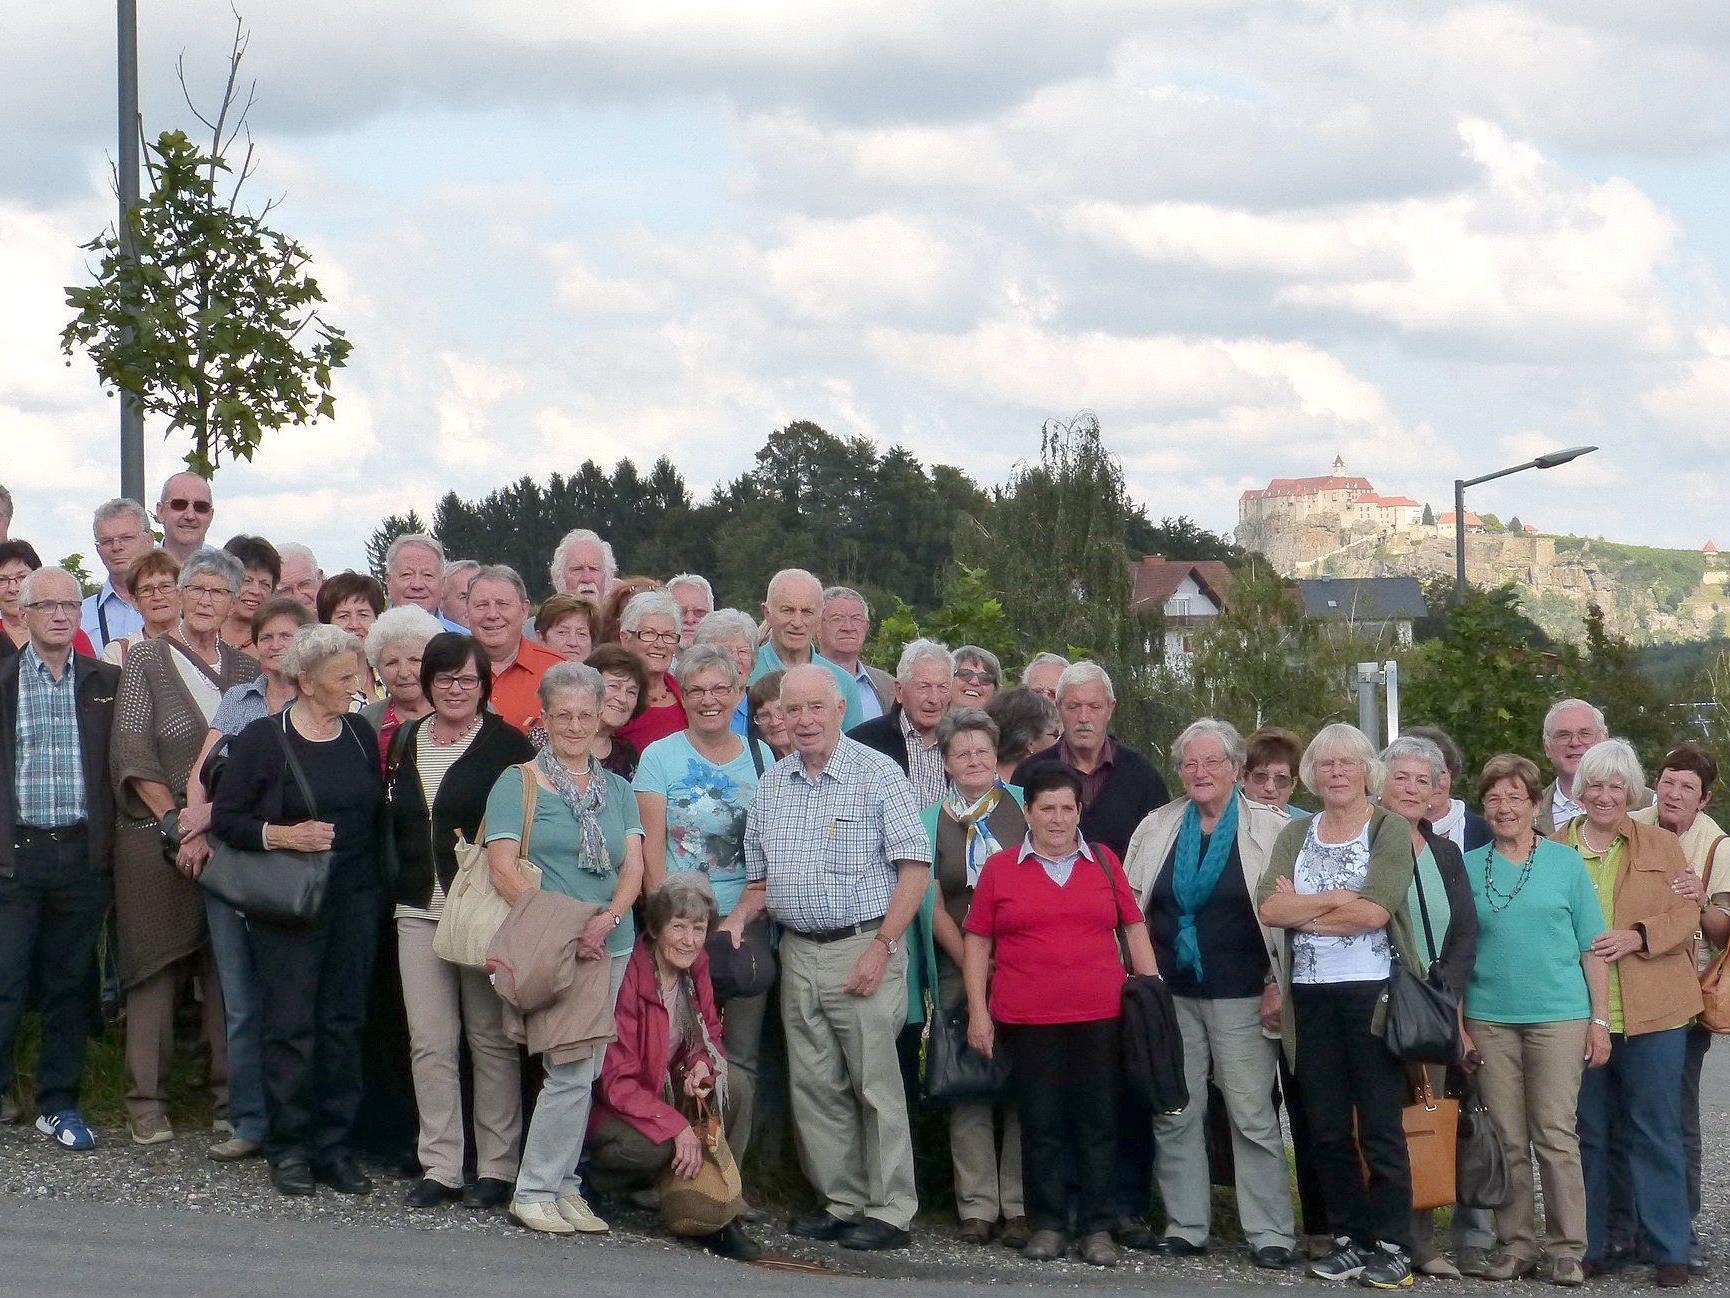 Die fröhliche Schar mit Blick auf die Riegersburg